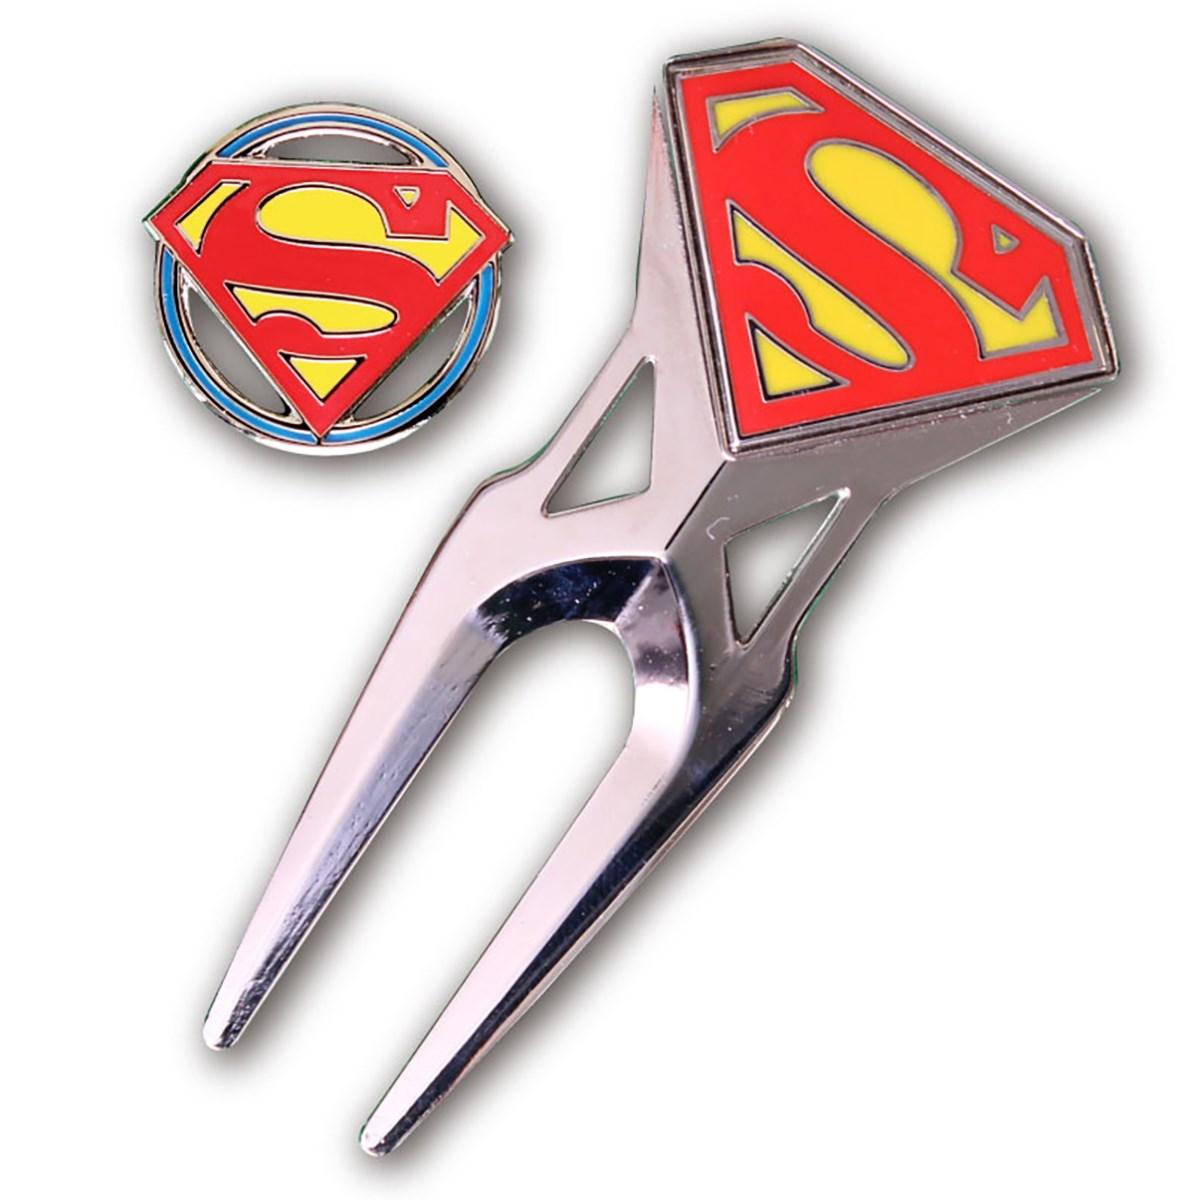 スーパーマン グリーンフォーク&マーカー レッド